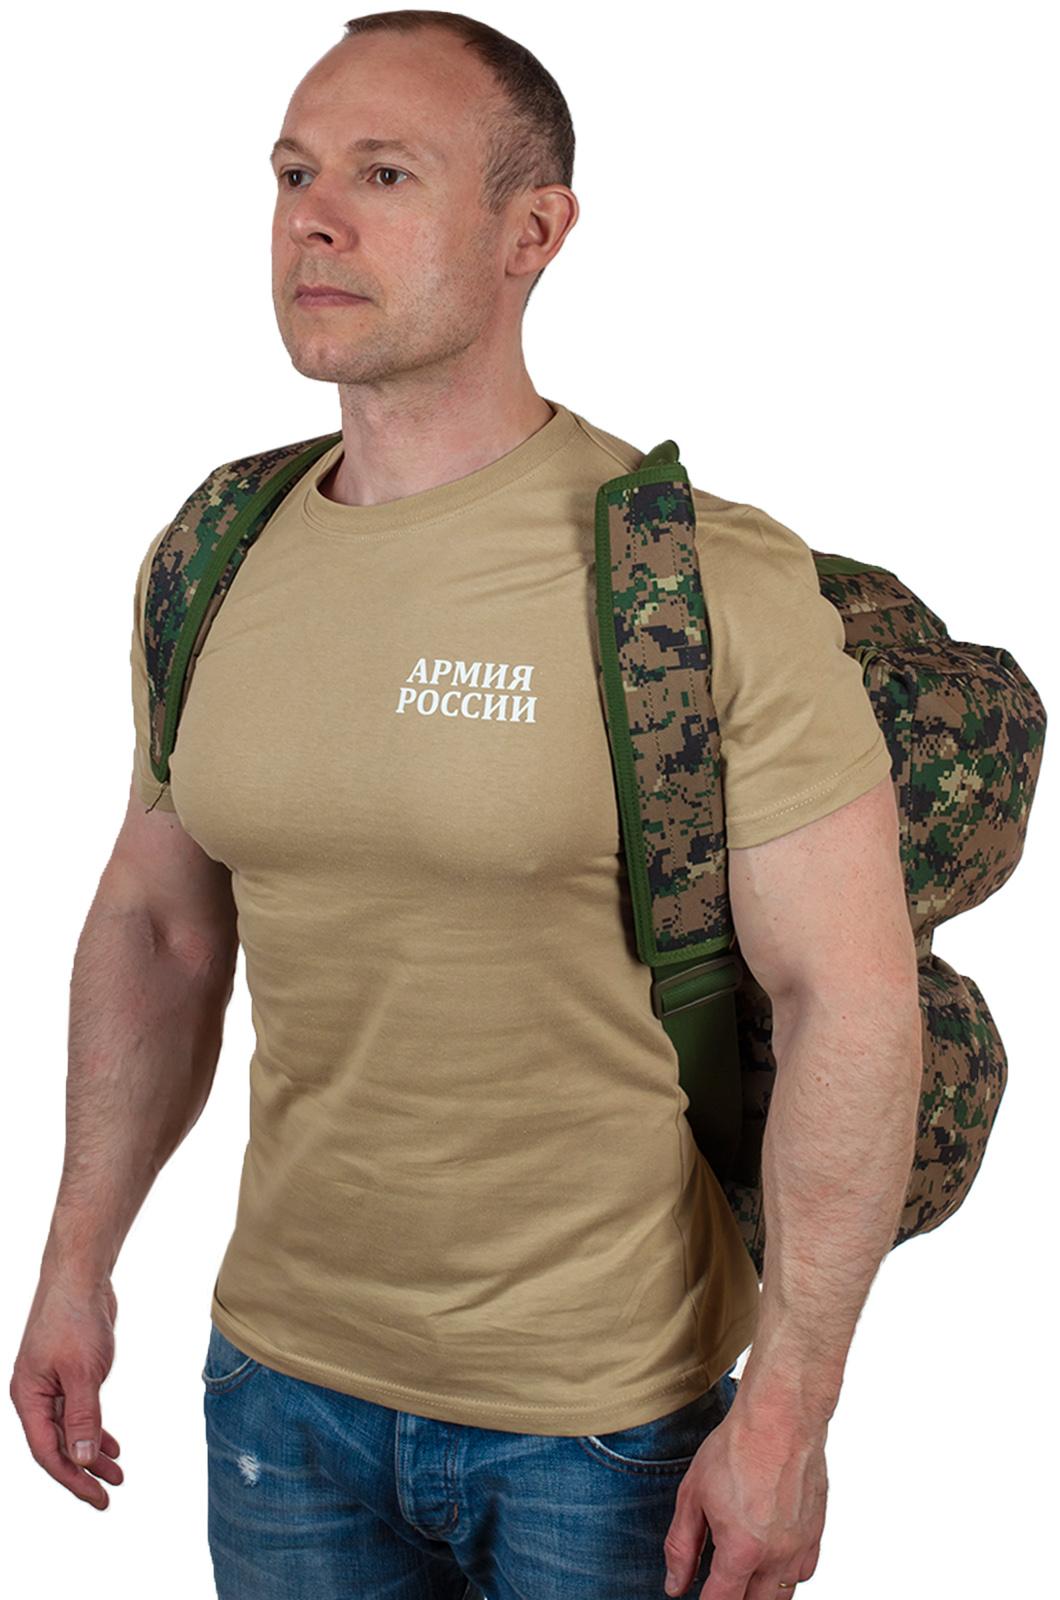 Камуфляжная дорожная сумка с нашивкой Ни пуха, Ни пера - заказать оптом